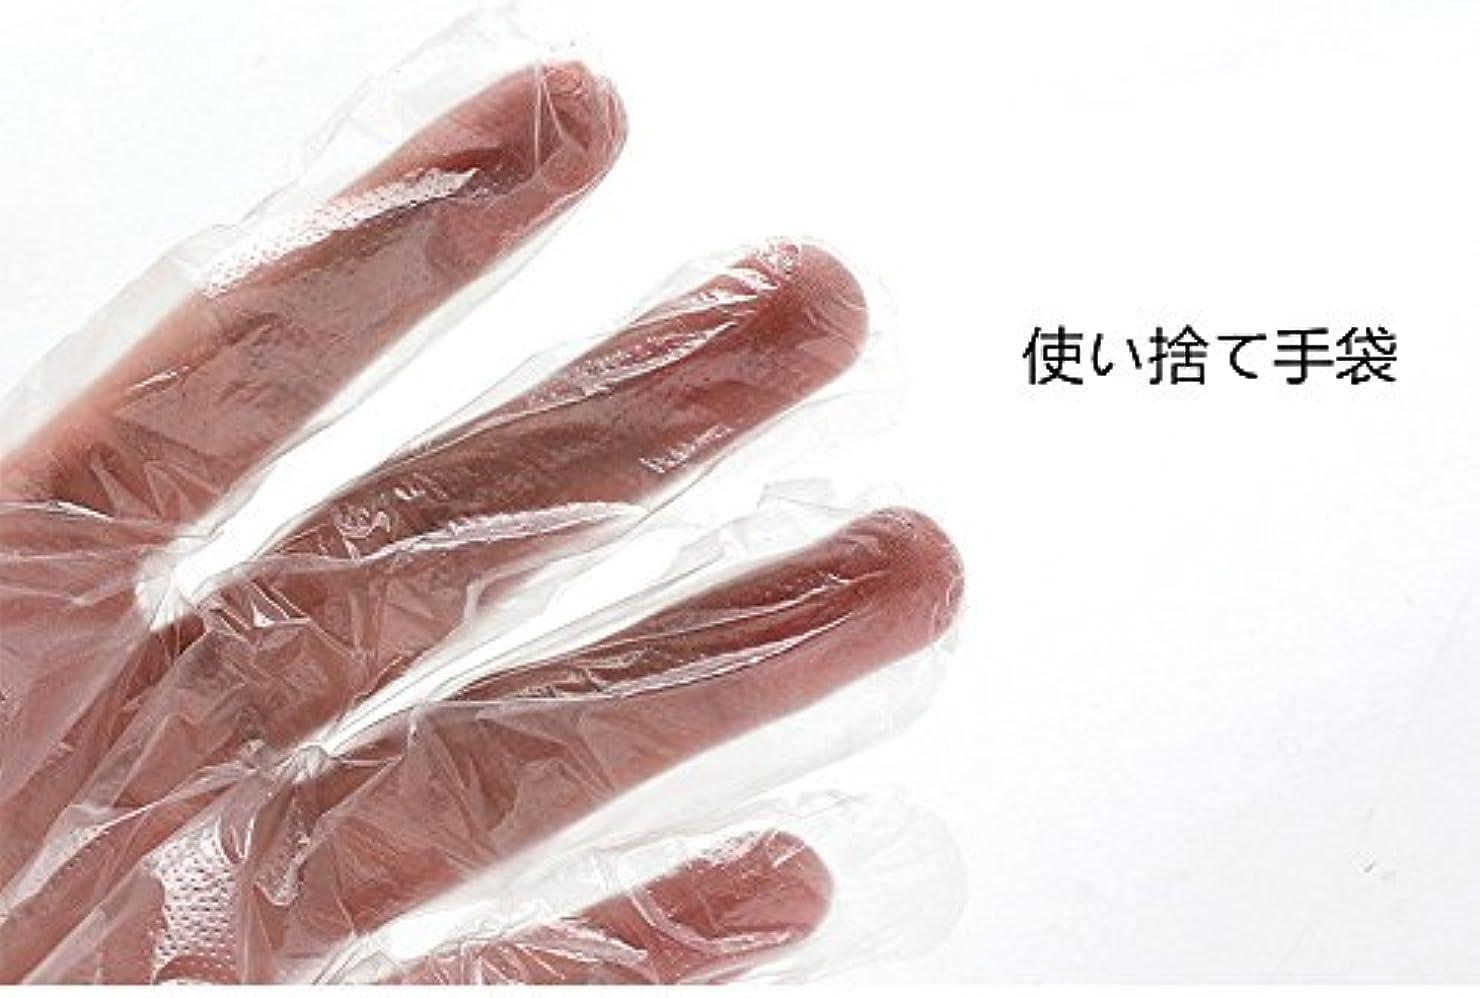 バリケード砦大邸宅使い捨て手袋 左右兼用 掃除 介護 極薄ビニール手袋 ポリエチレン 透明 実用 衛生 95枚